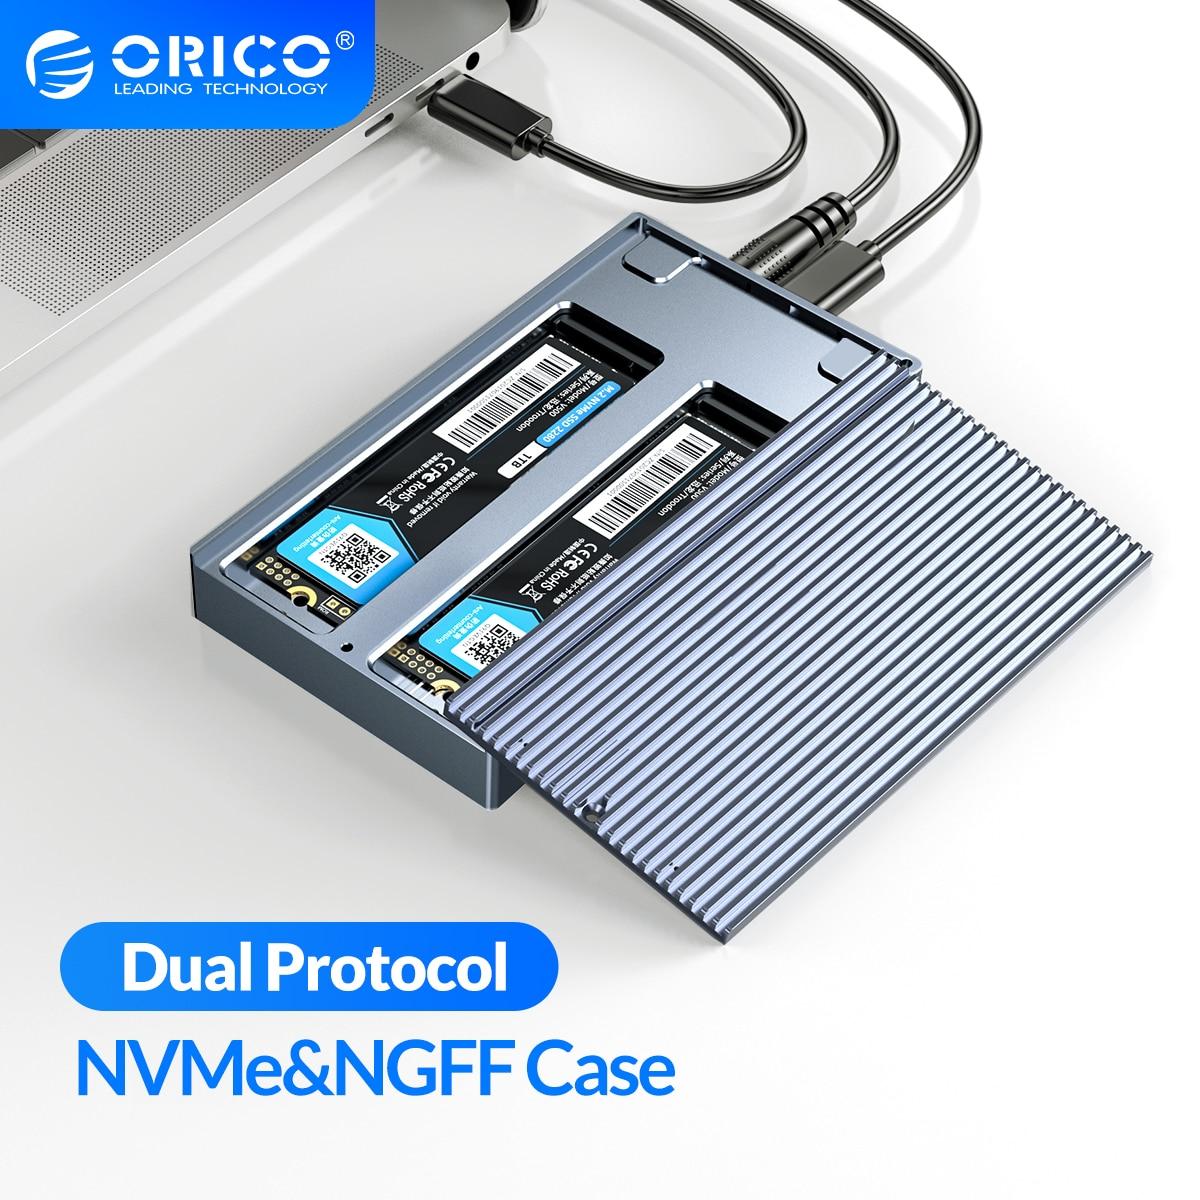 أوريكو LSDT المزدوج خليج المزدوج بروتوكول M2 SSD دعم M.2 NVME NGFF SATA SSD القرص ل M مفتاح & B + M مفتاح SSD ث/5V4A محول الطاقة